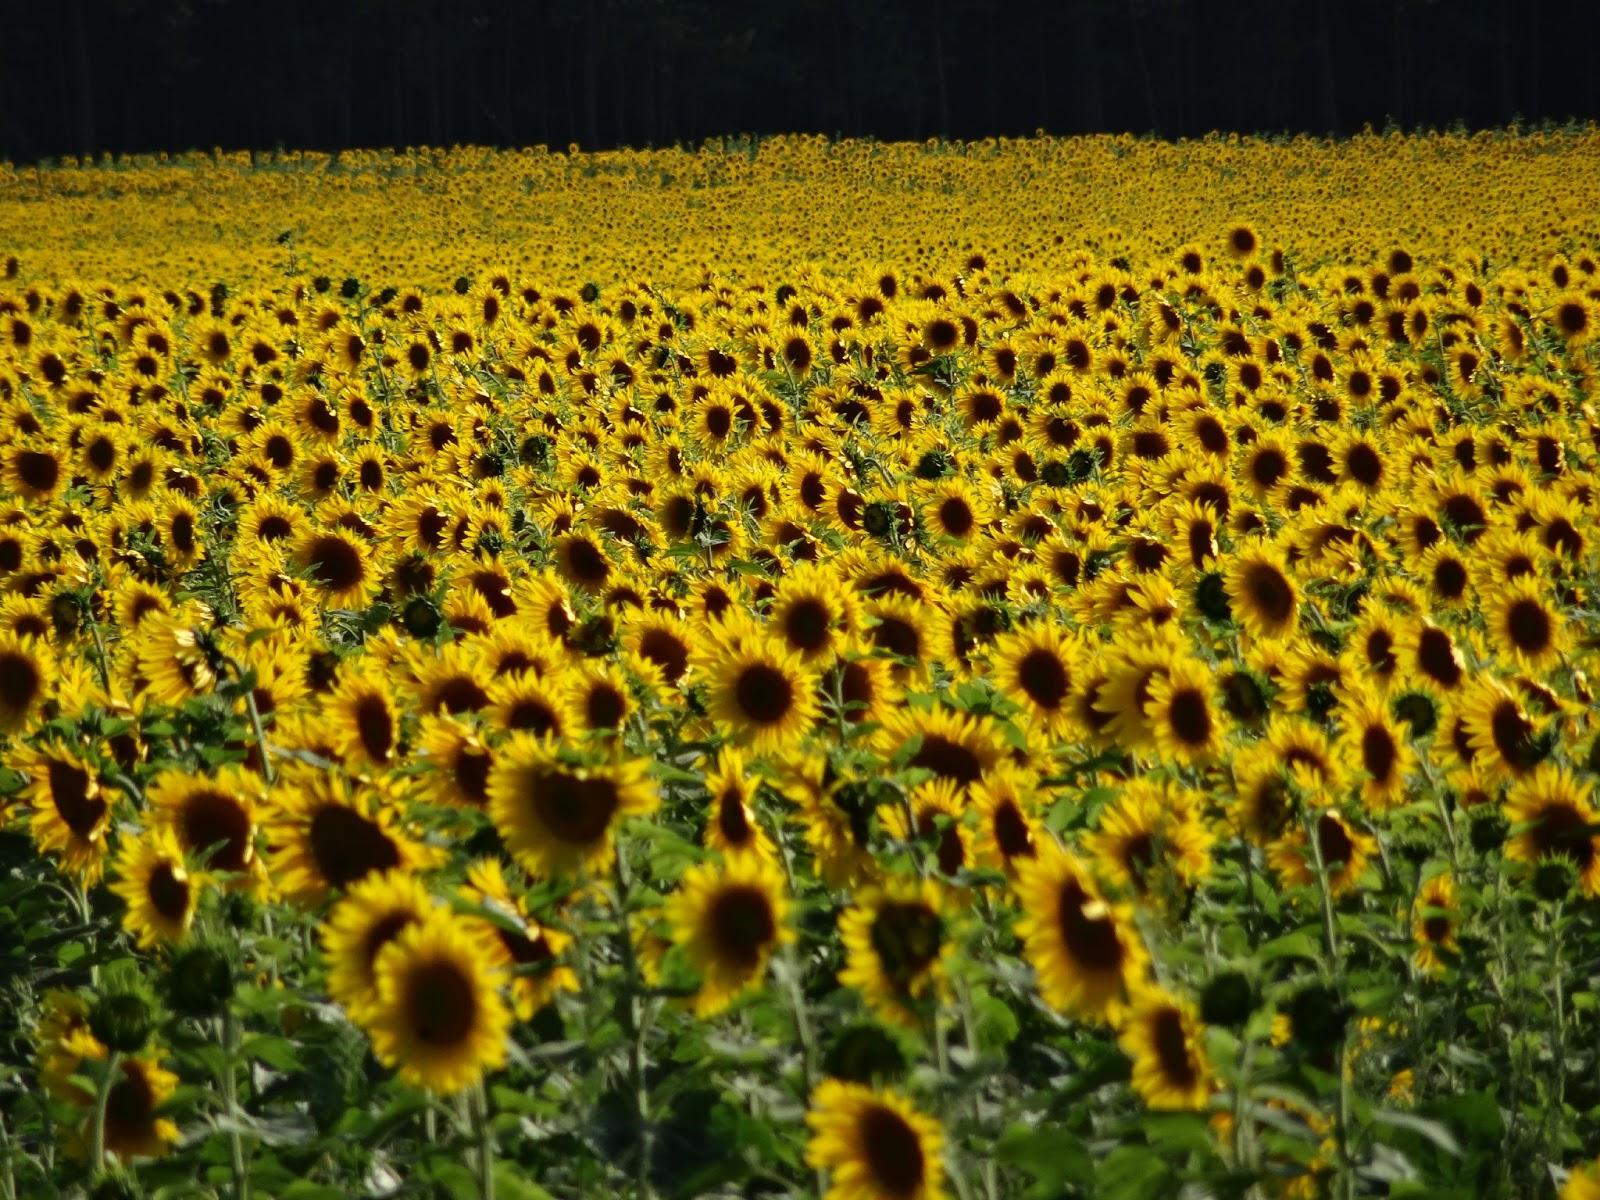 sunflower field near forest